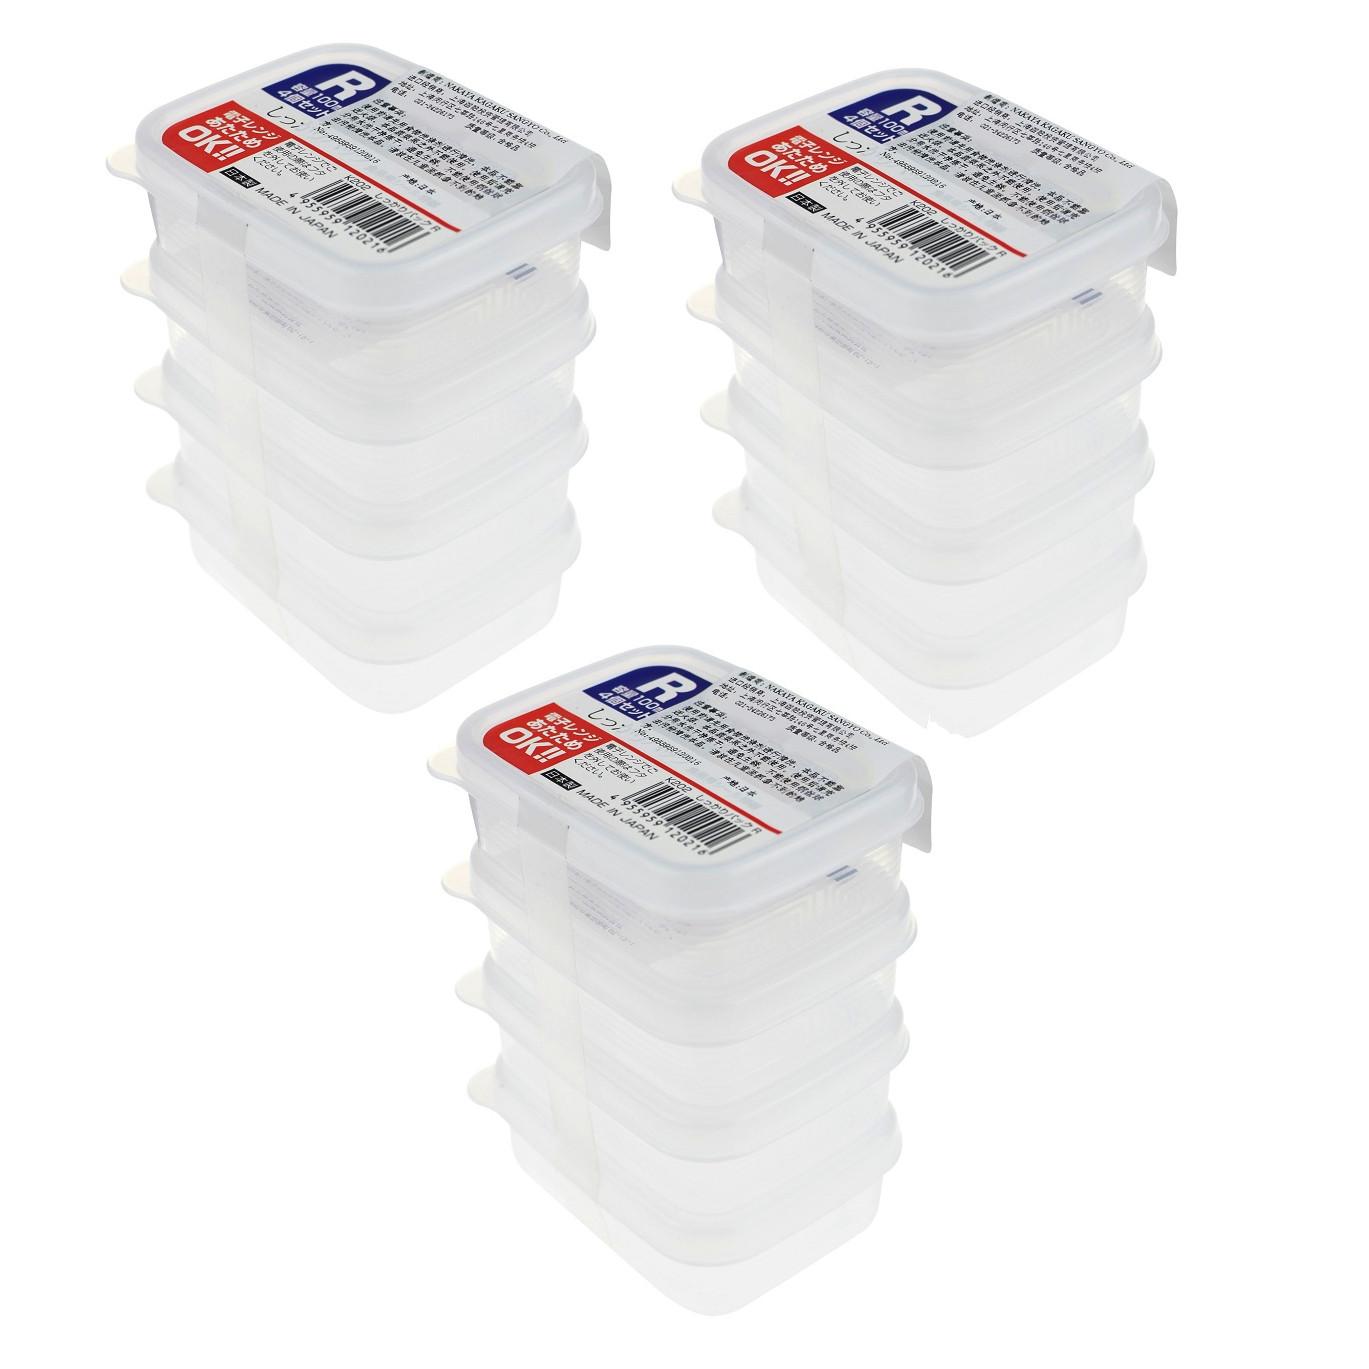 Combo 03 Set hộp nhựa Nakaya 100ml bảo quản thức ăn trong rủ lạnh, có nắp mềm - Nội địa Nhât (04 hộp/Set)